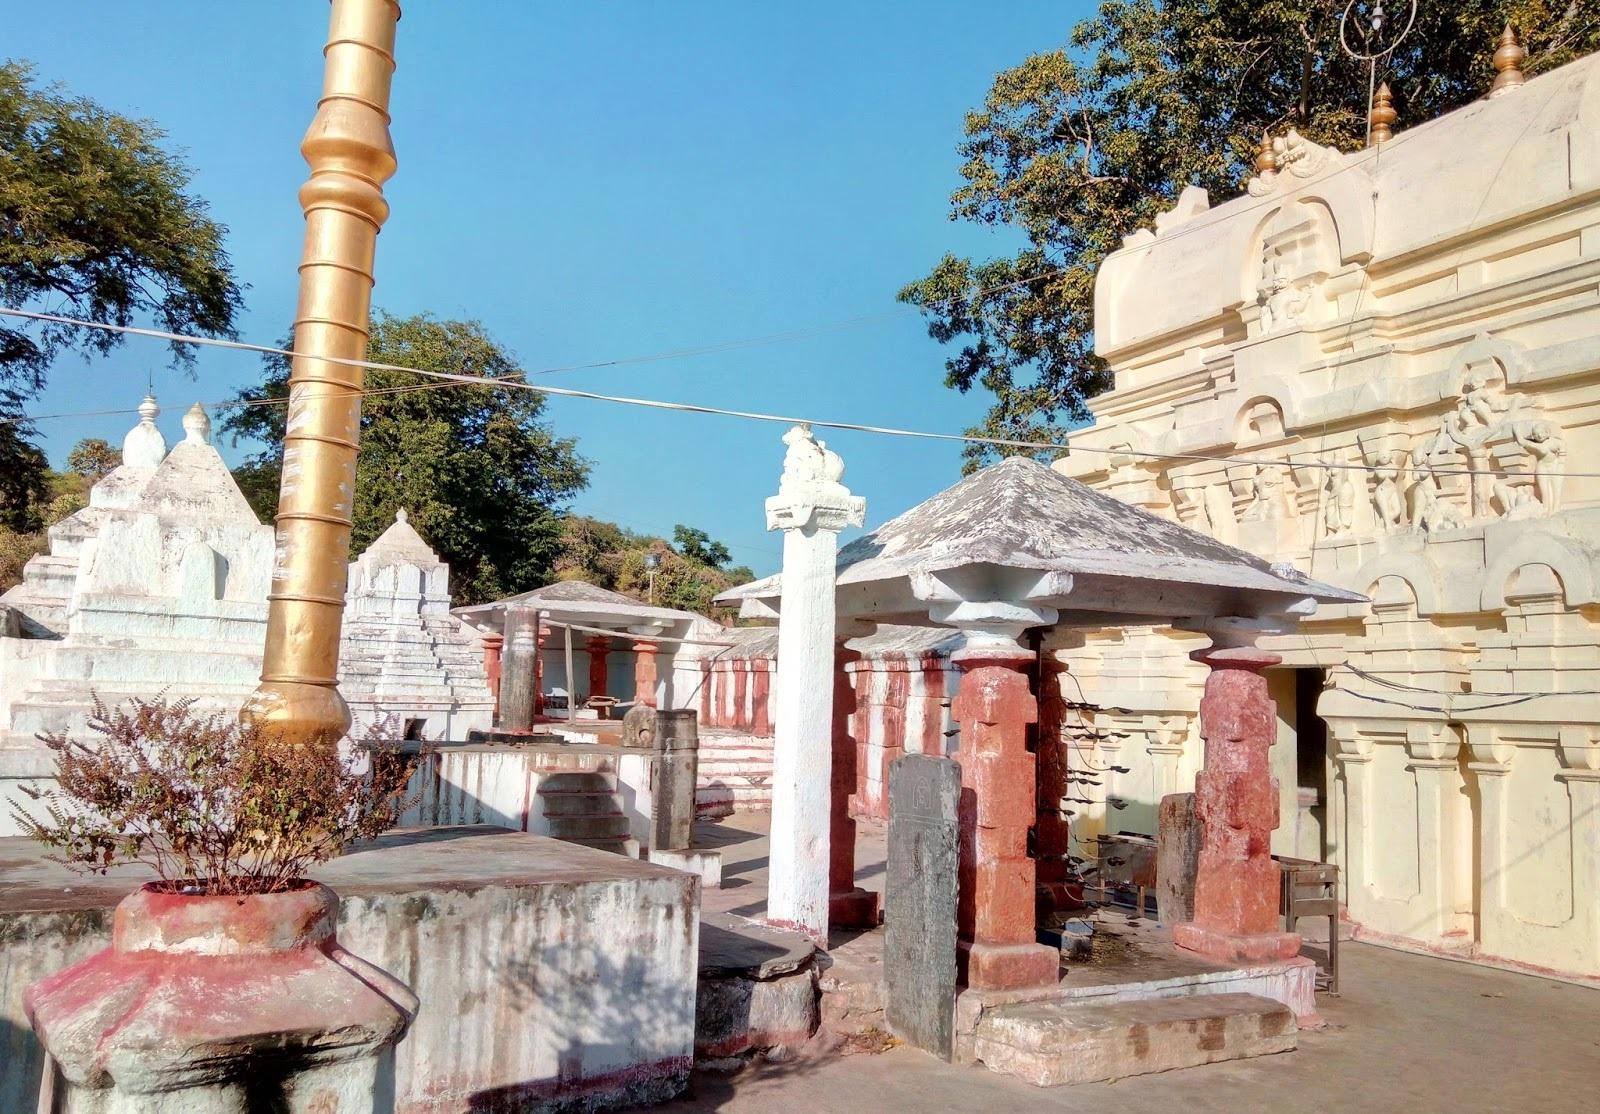 చేజెర్ల - కపోతేశ్వరాలయం - Chejarla Kapoteswaralayam